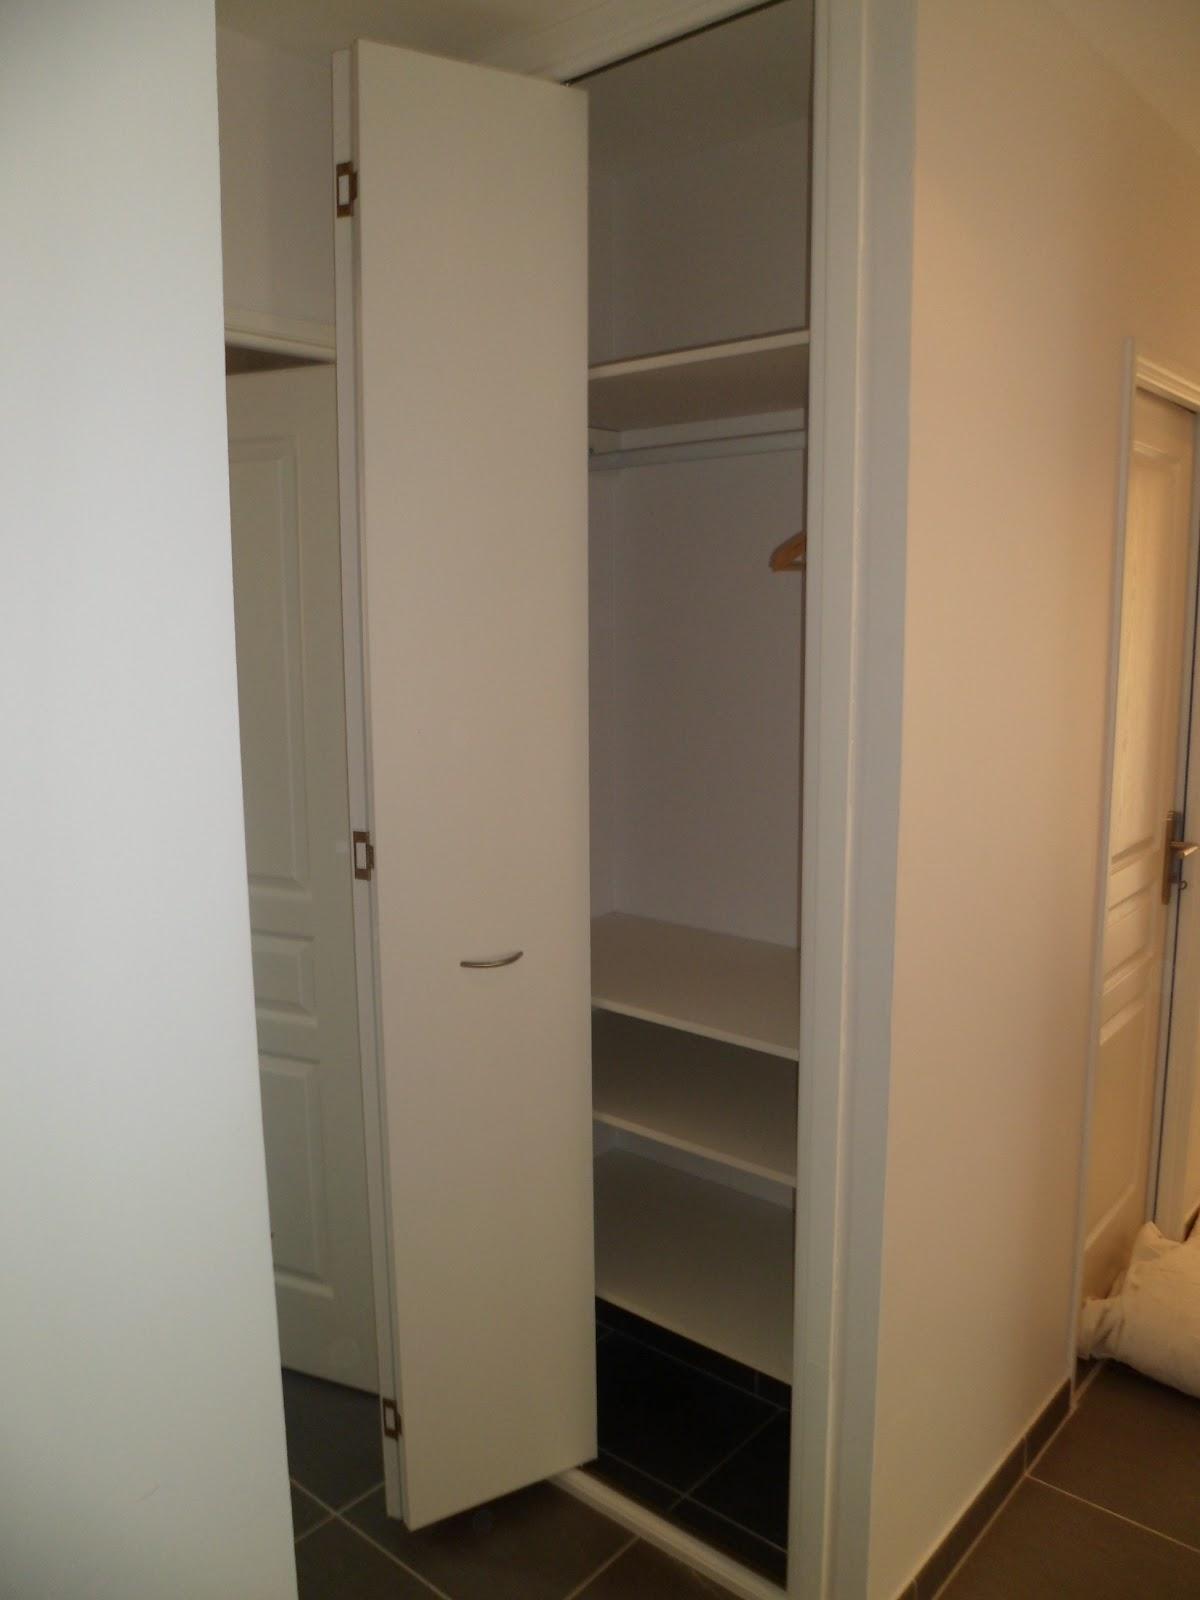 montage de cuisine et meuble mrjohnnybrico toulon mrjohnnybrico toulon var montage des. Black Bedroom Furniture Sets. Home Design Ideas